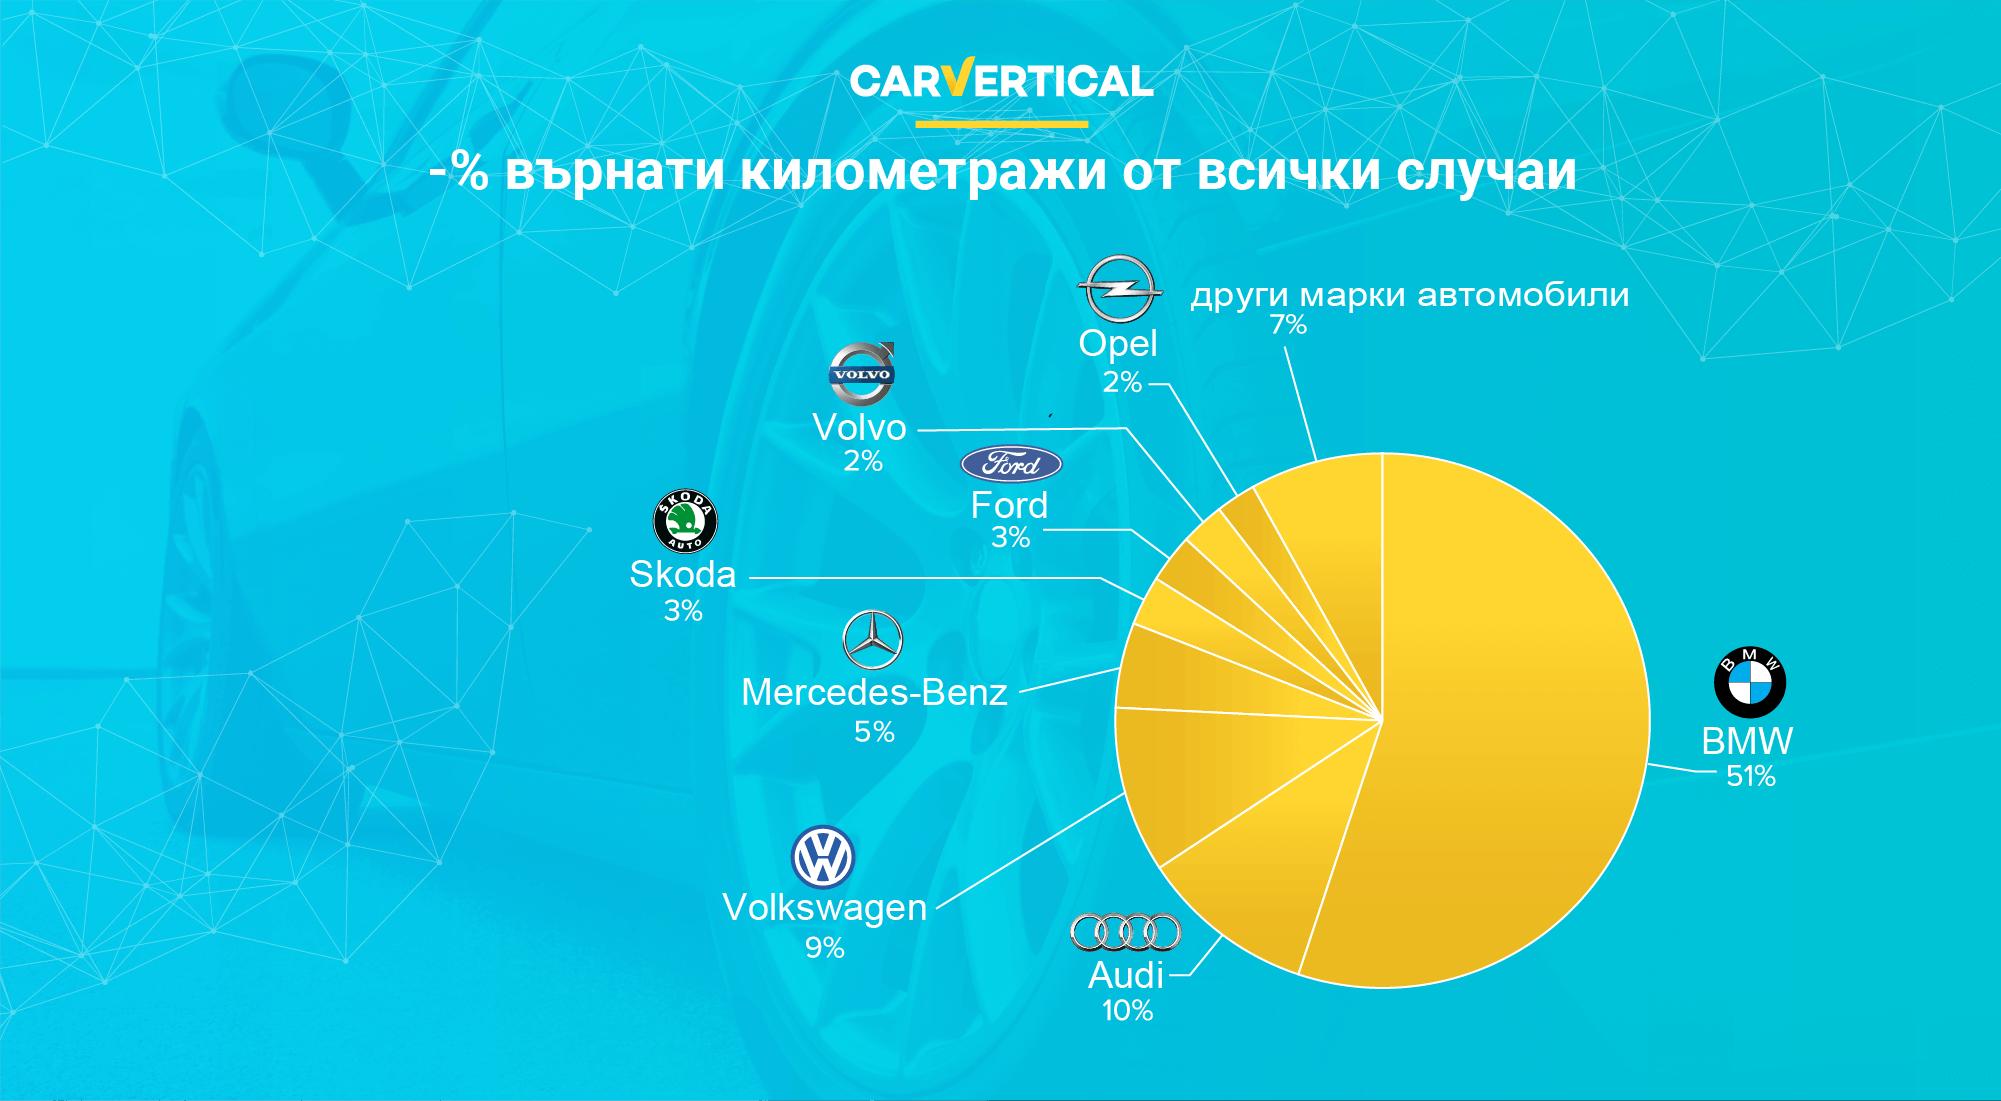 Надежден ли е пазарът на автомобили втора ръка